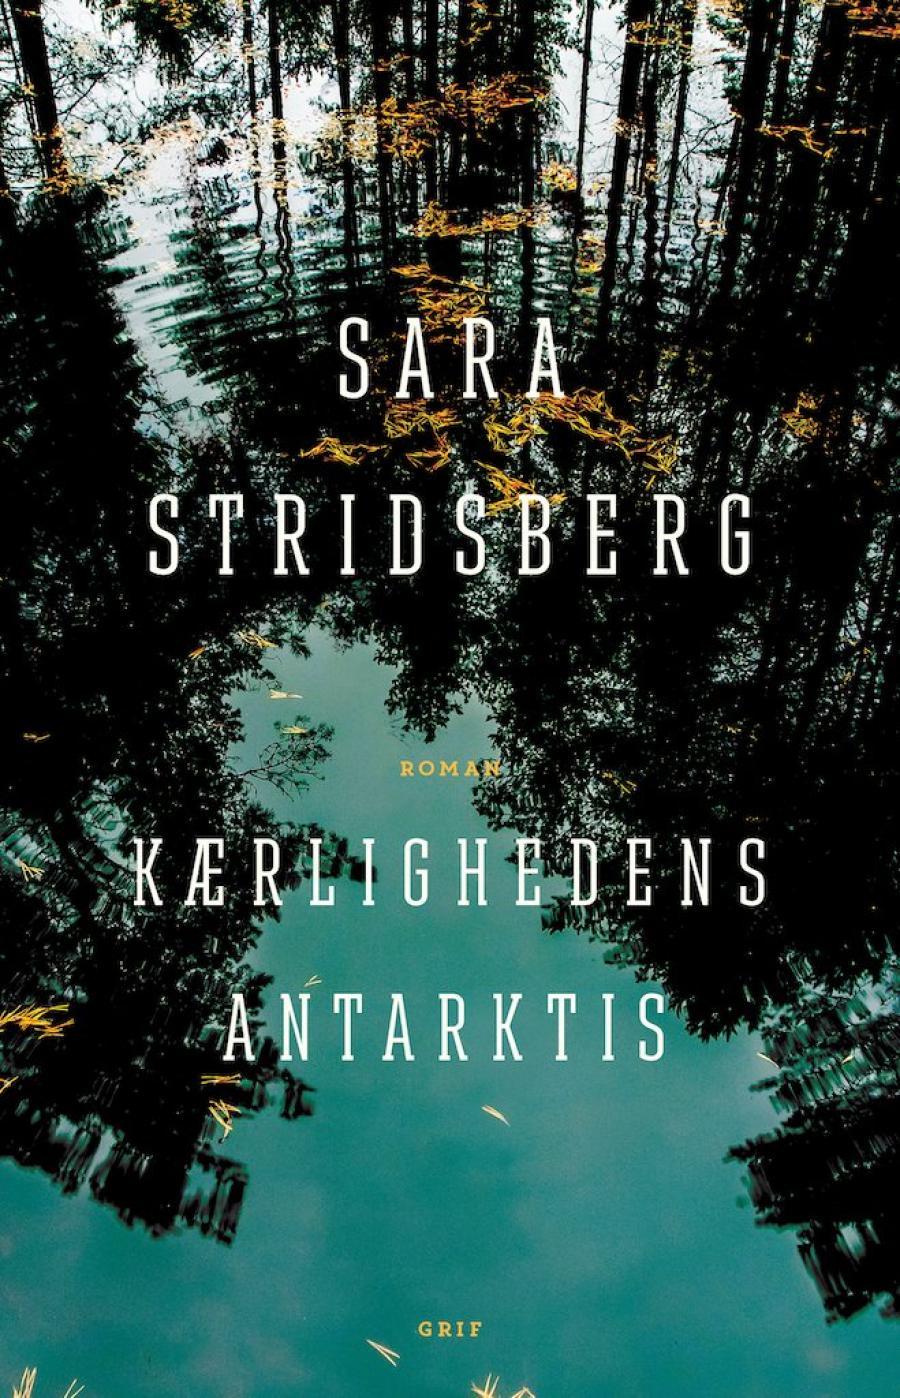 Billede af bogen Kærlighedens Antarktis af Sara Stridsberg